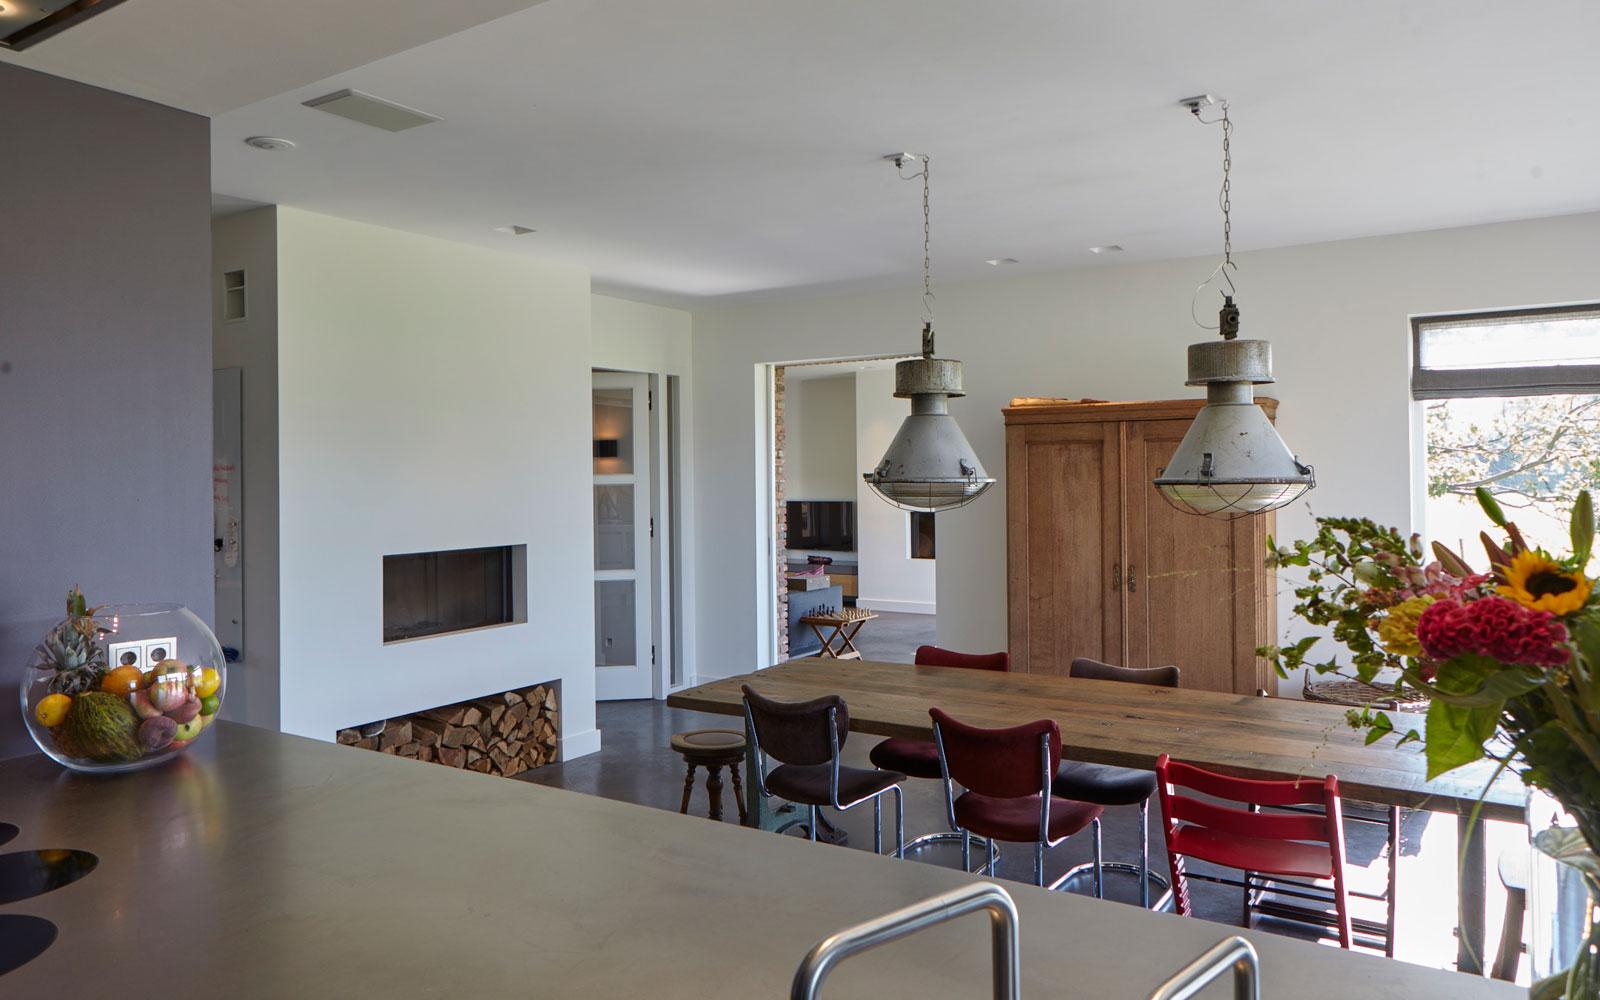 ruime keuken maatwerk tweede kamer interiors open haard vestia kachels sfeervol